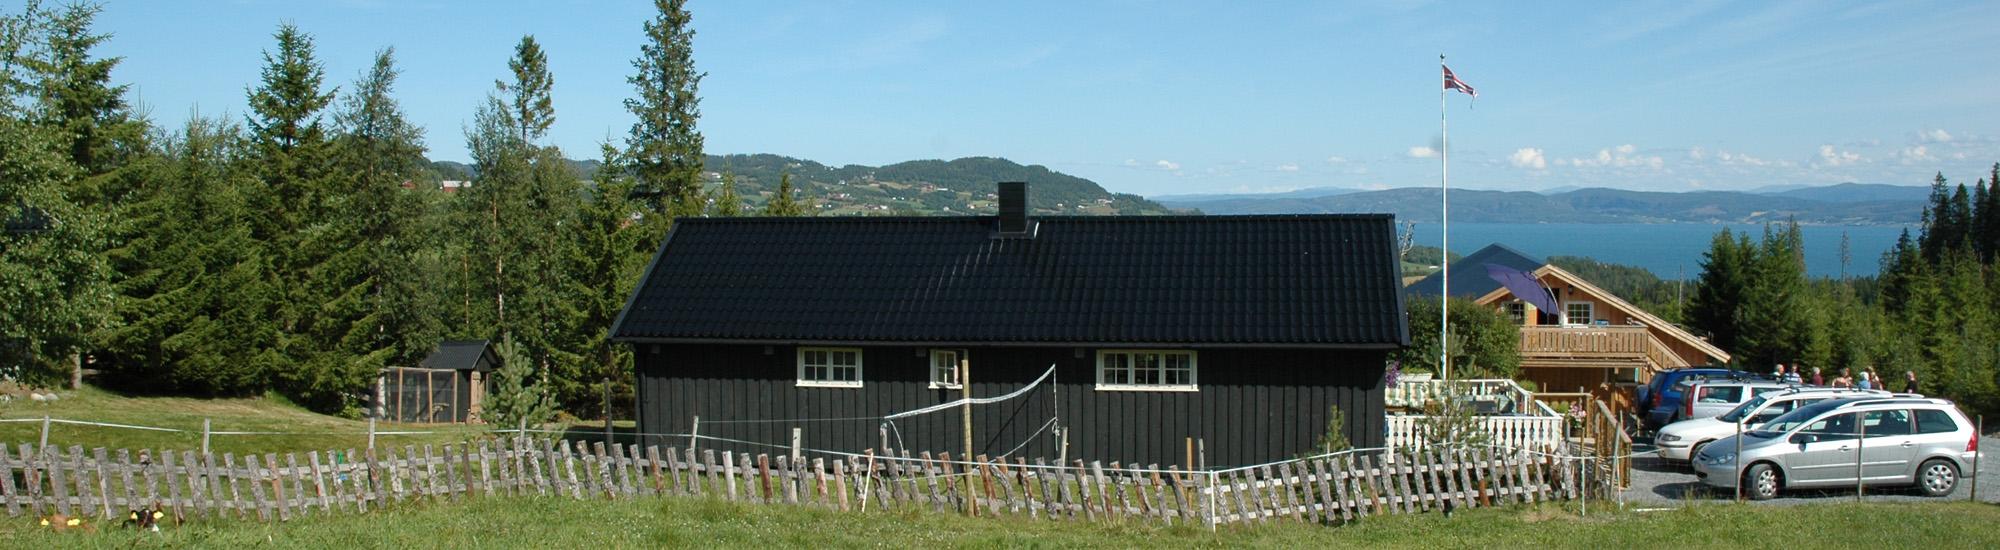 slider-tronstadsetran-2000-550-2009